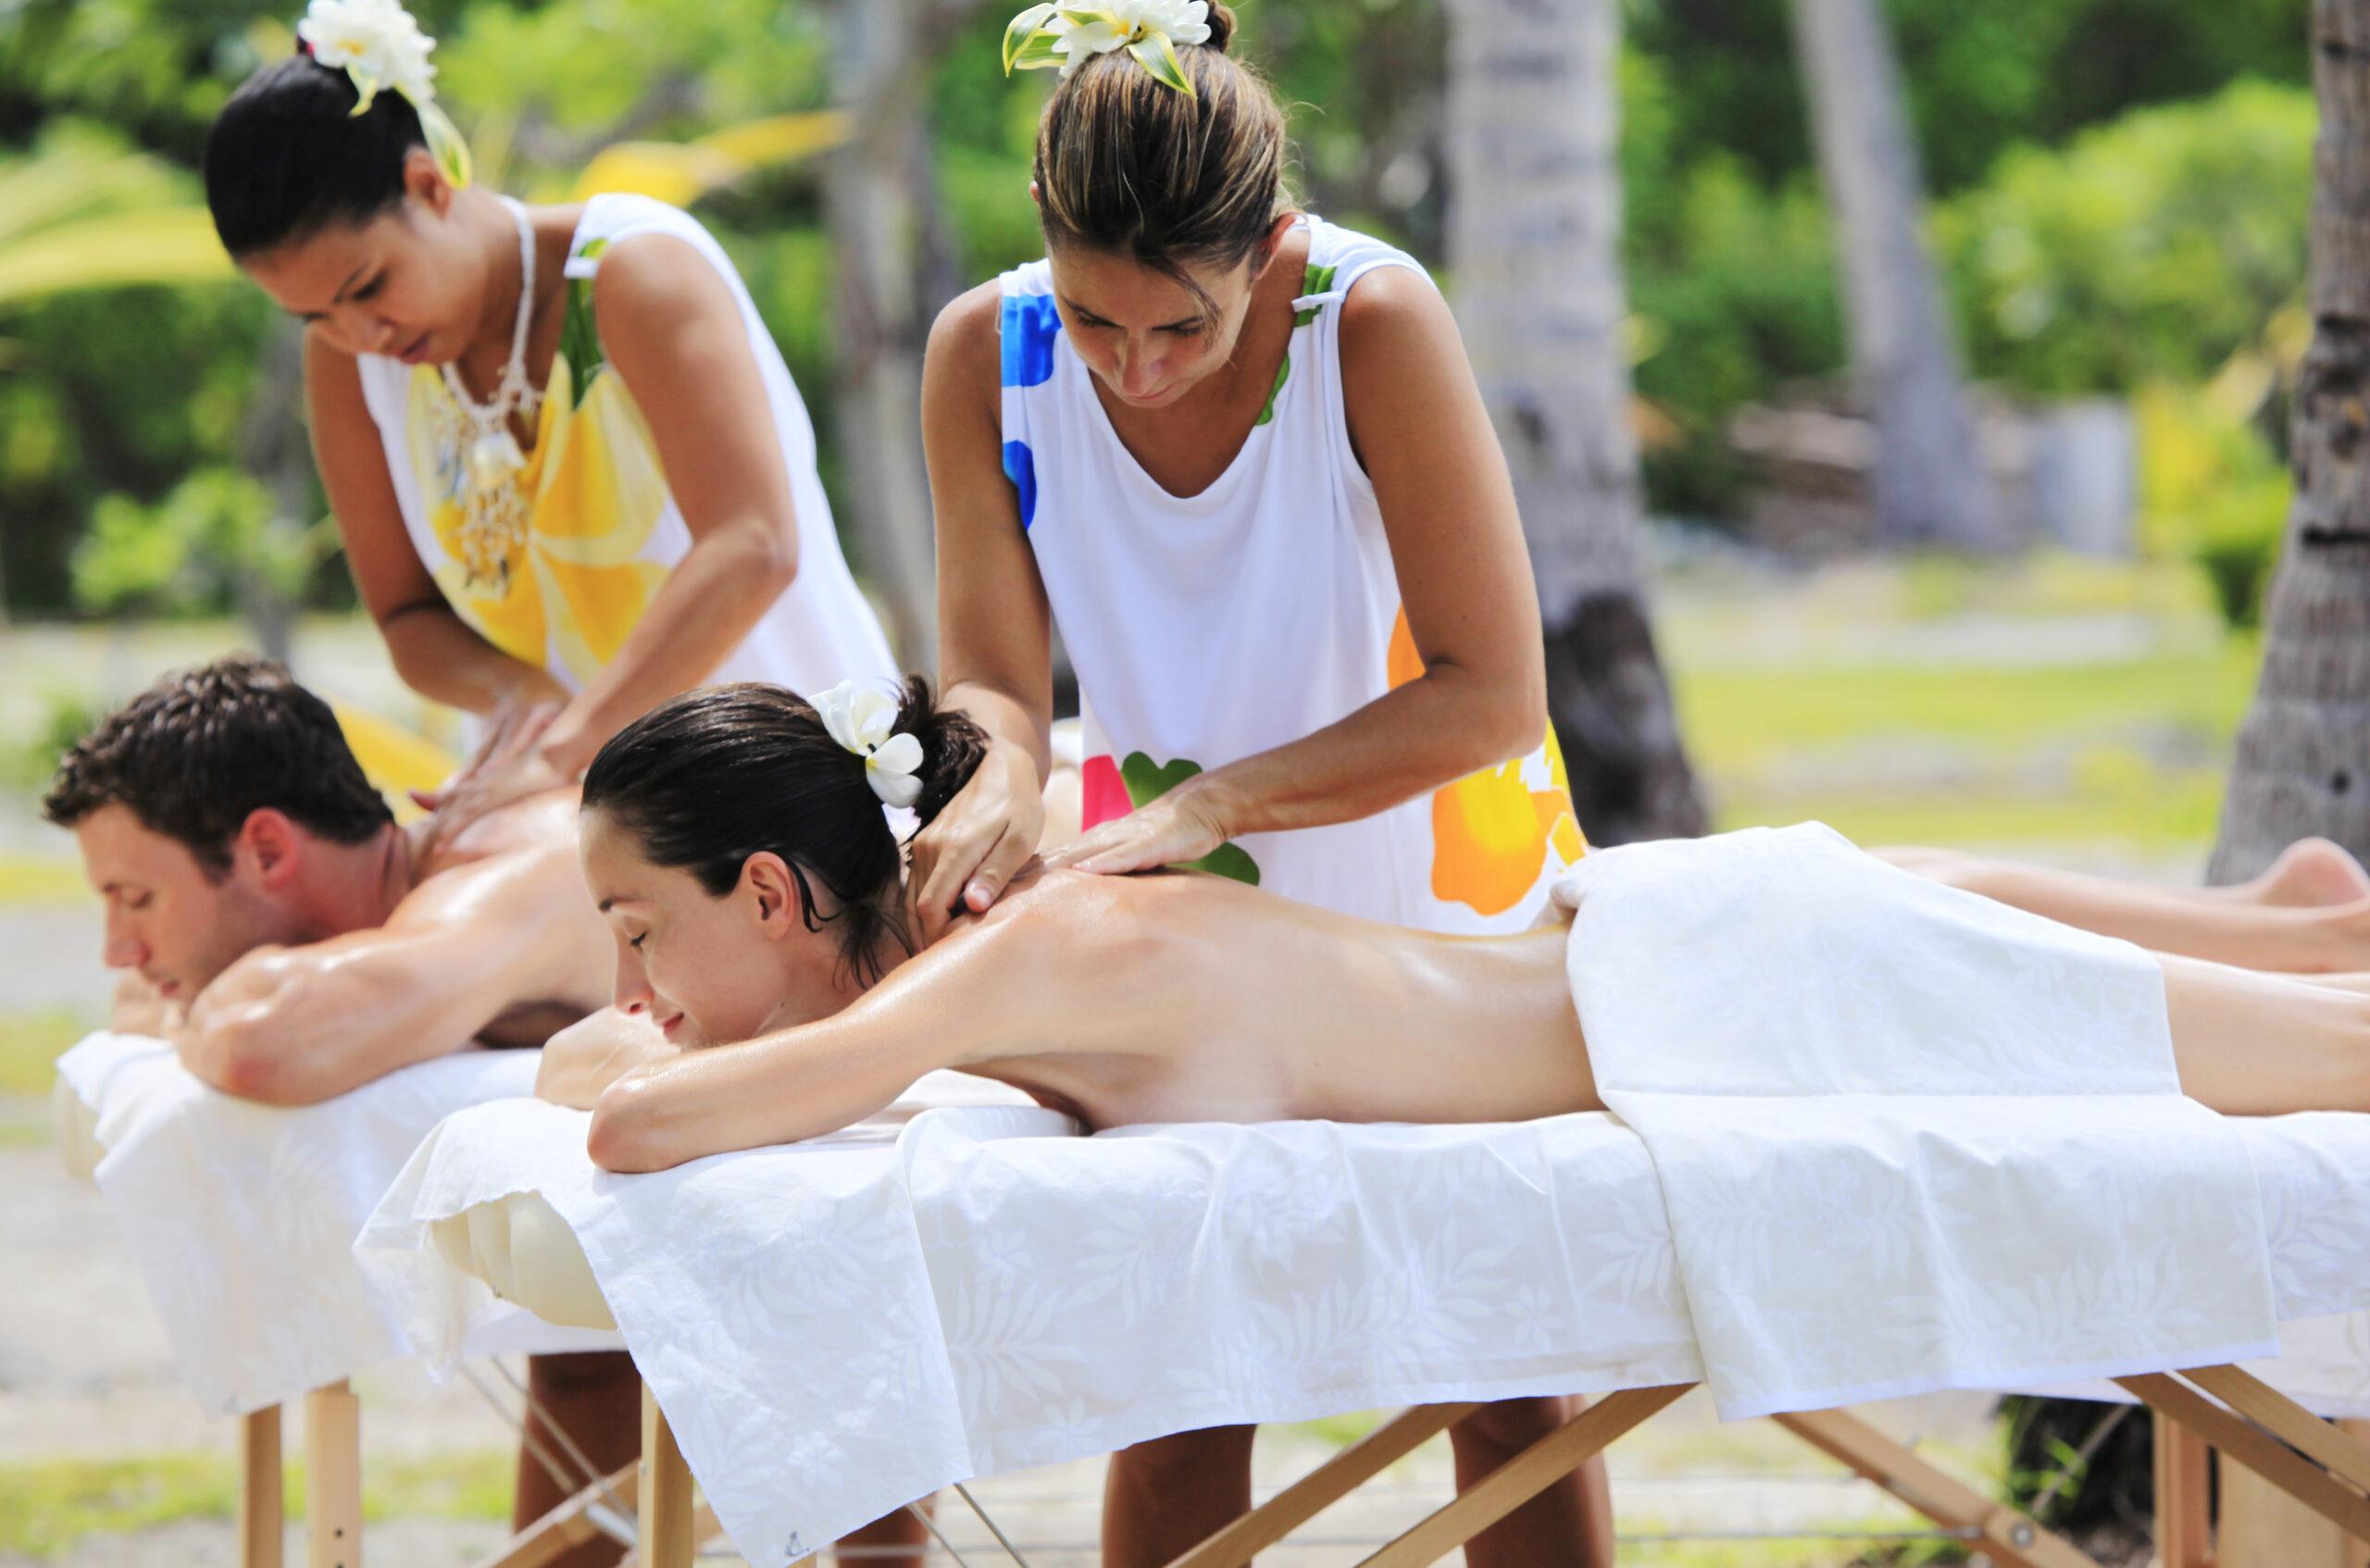 https://tahititourisme.com/wp-content/uploads/2021/09/Outside-massage-couple-scaled.jpg